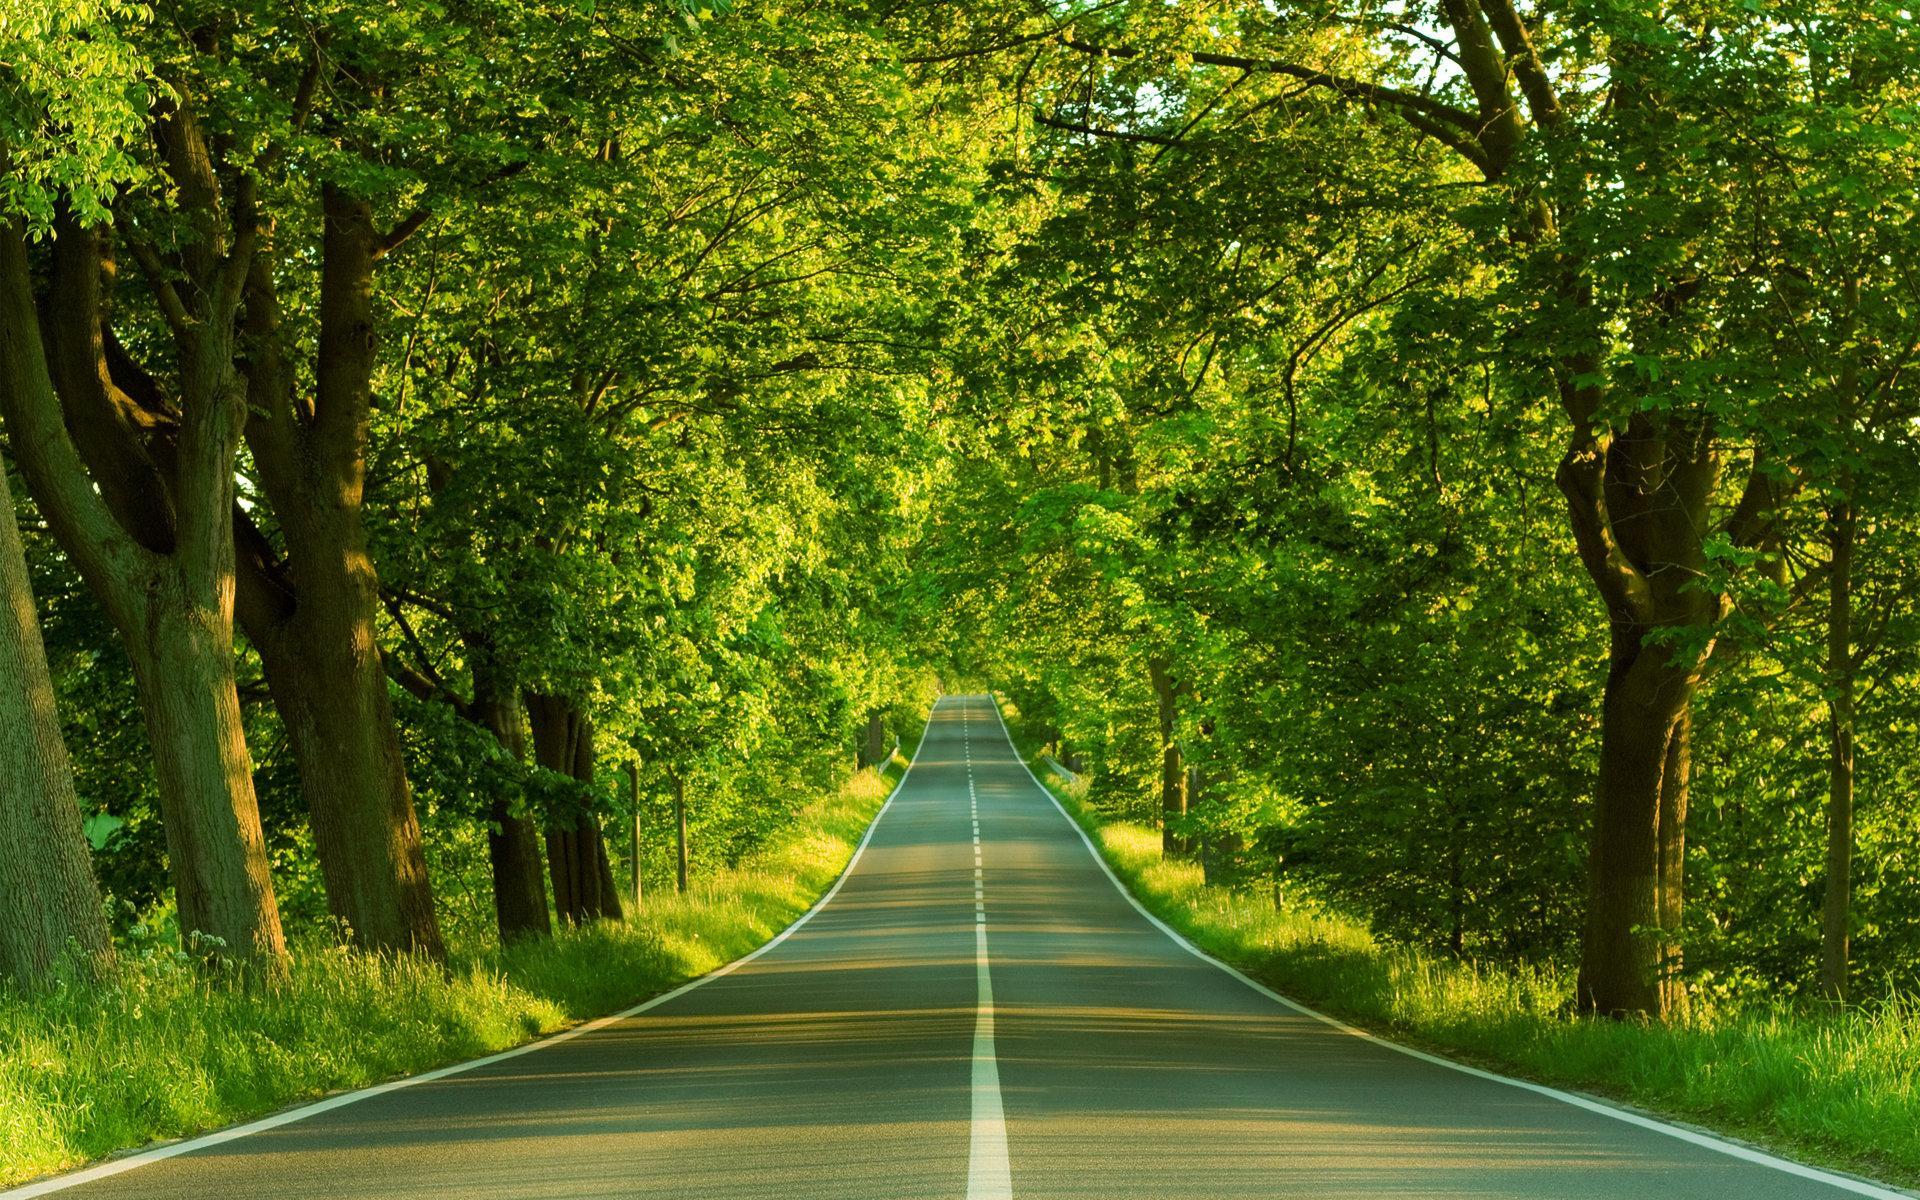 公路壁纸 风景 路的尽头唯美风景高清桌面壁纸